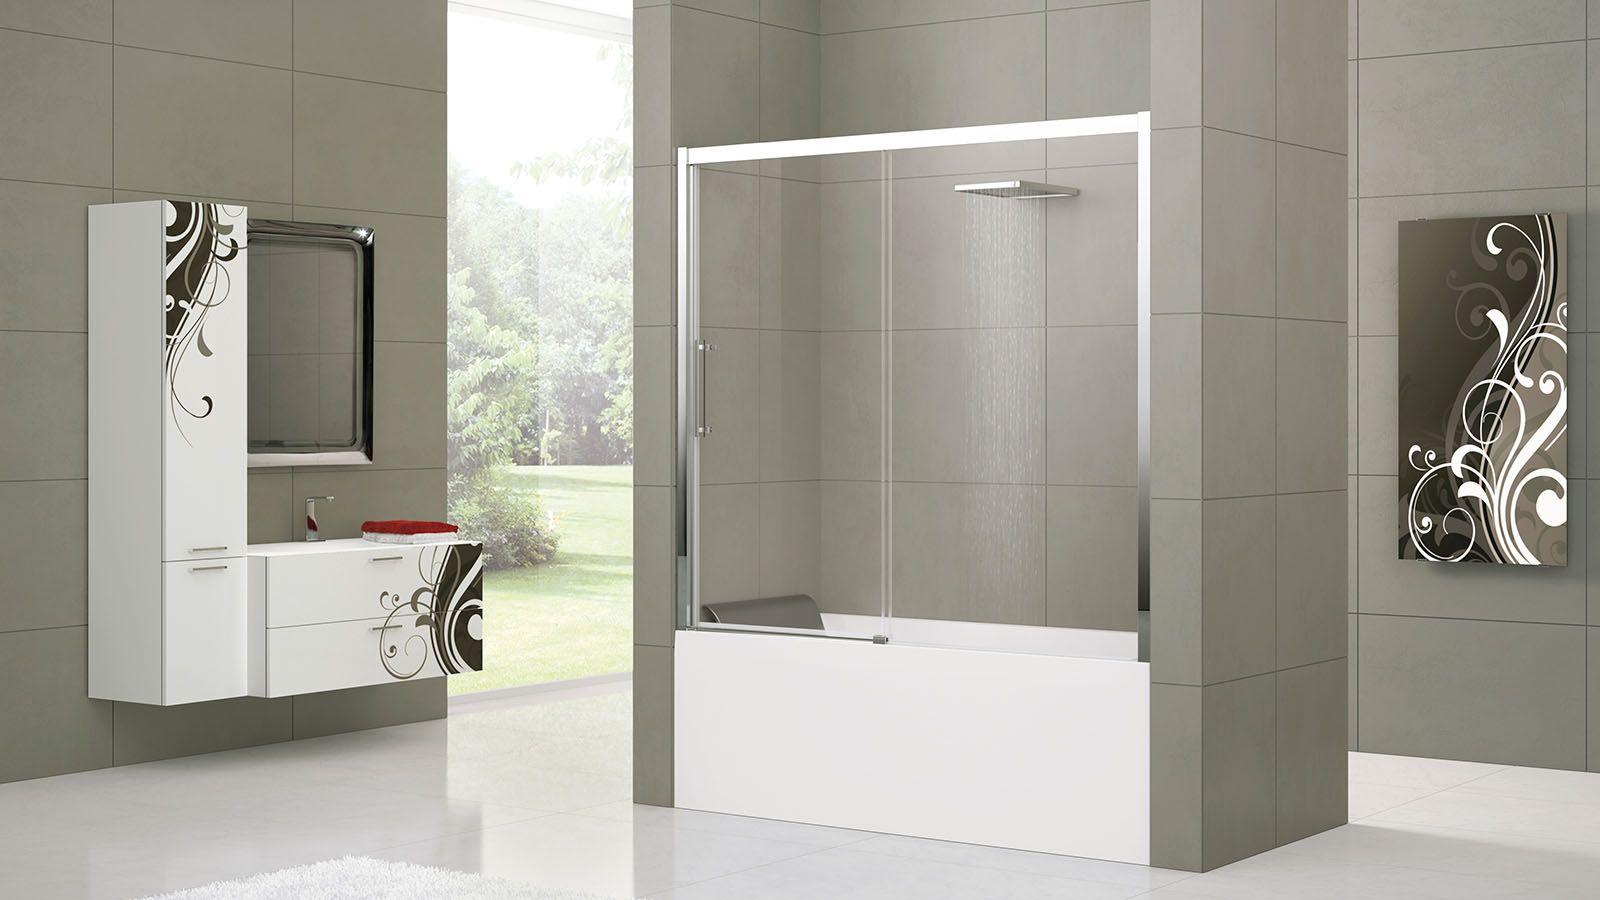 Box doccia e vasca in un'unica soluzione, pratica e